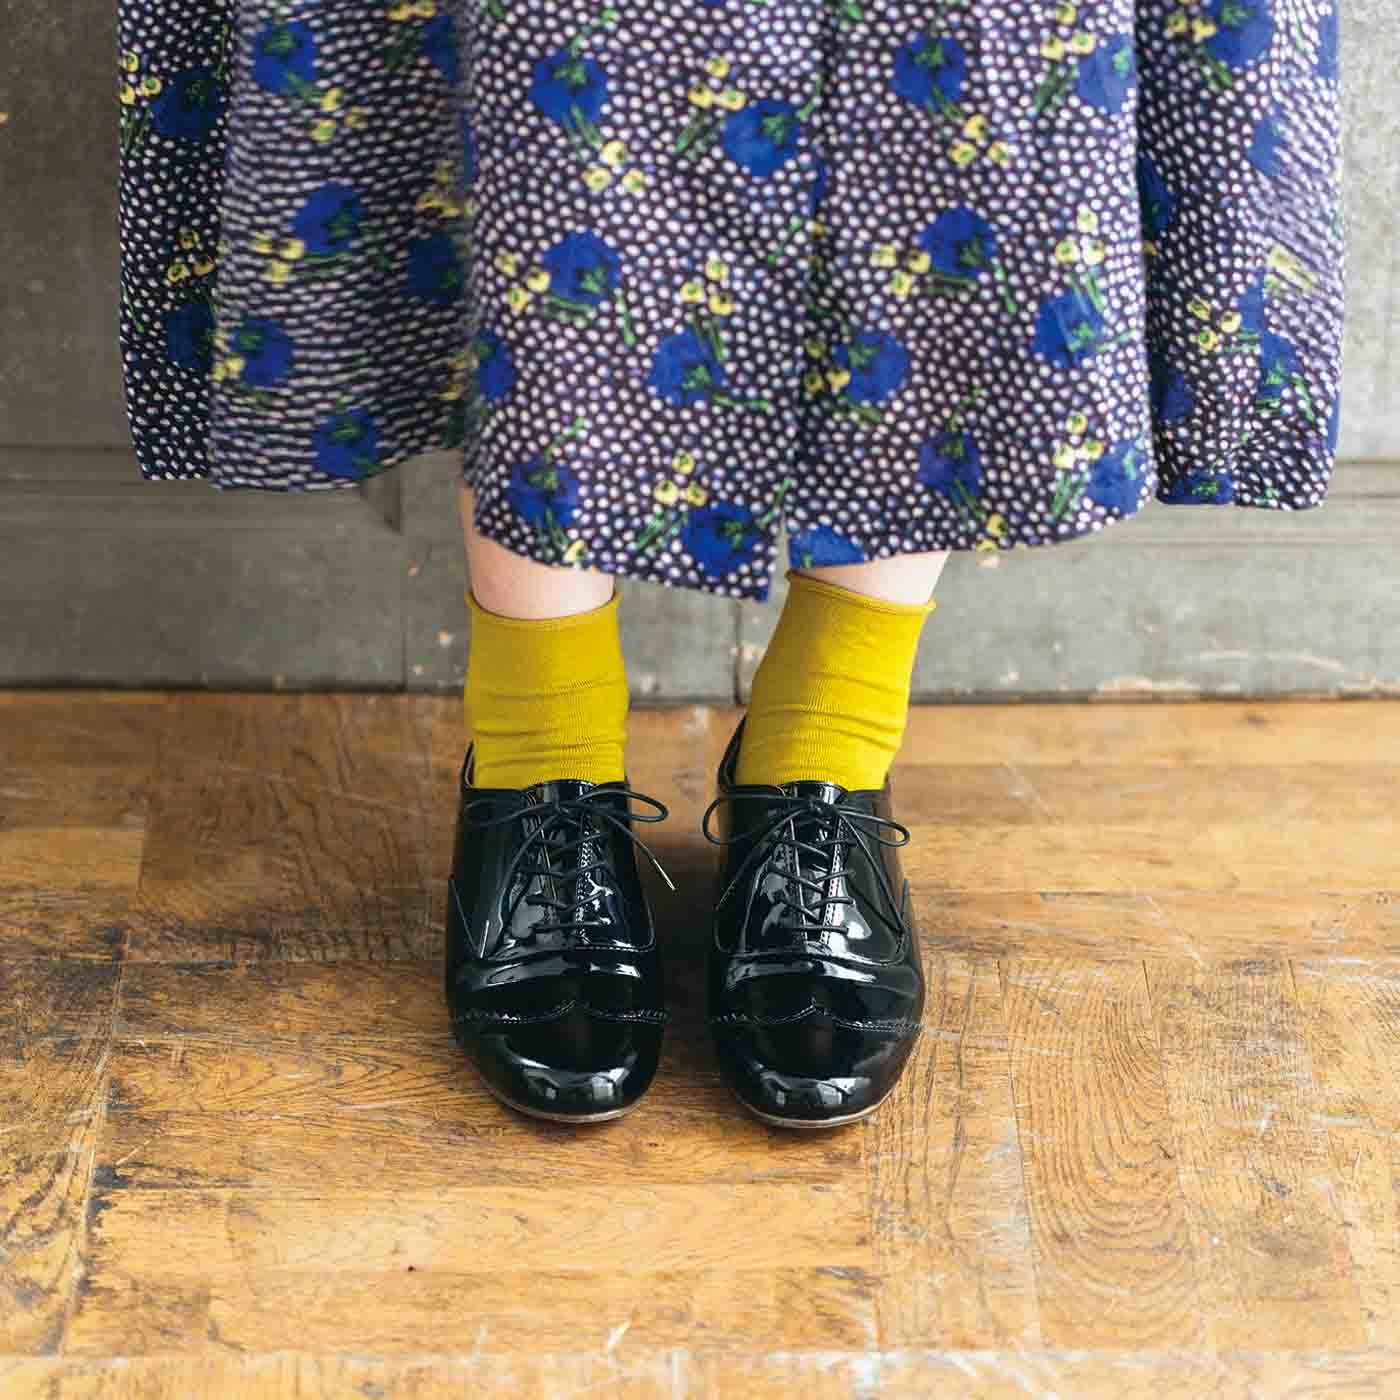 長田靴職人の本革仕立て シンプルレースアップ レザーシューズ 〈エナメルブラック〉[本革 靴:日本製]